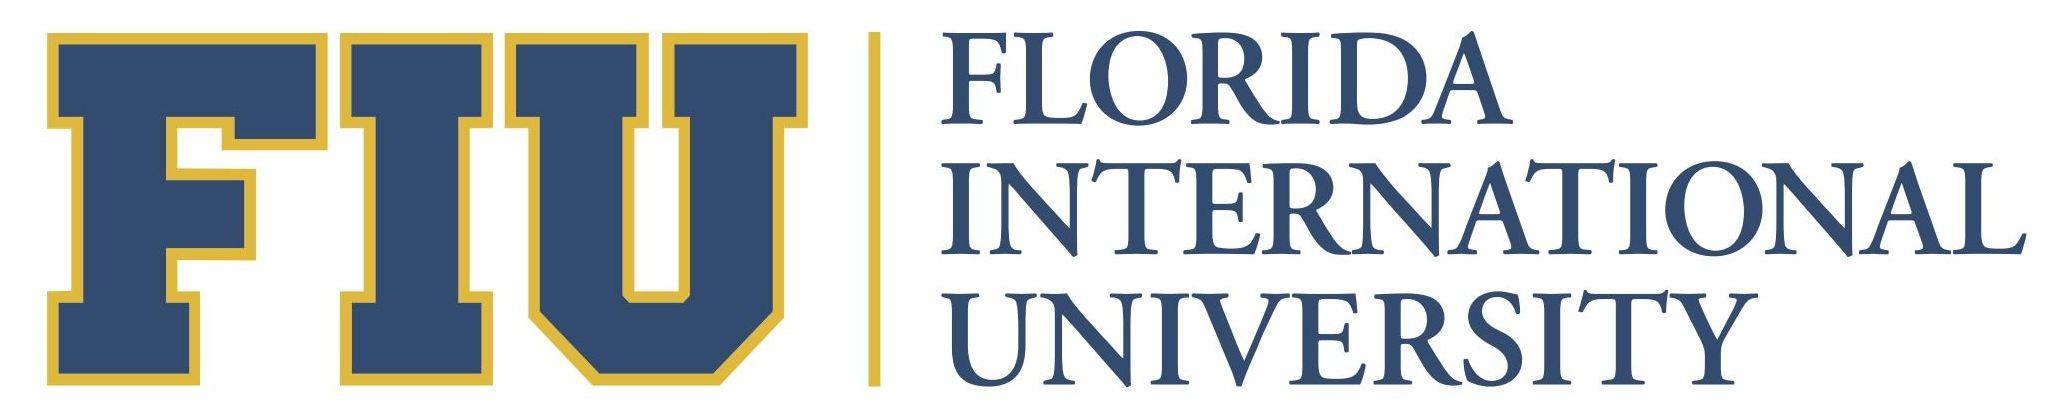 FL International University